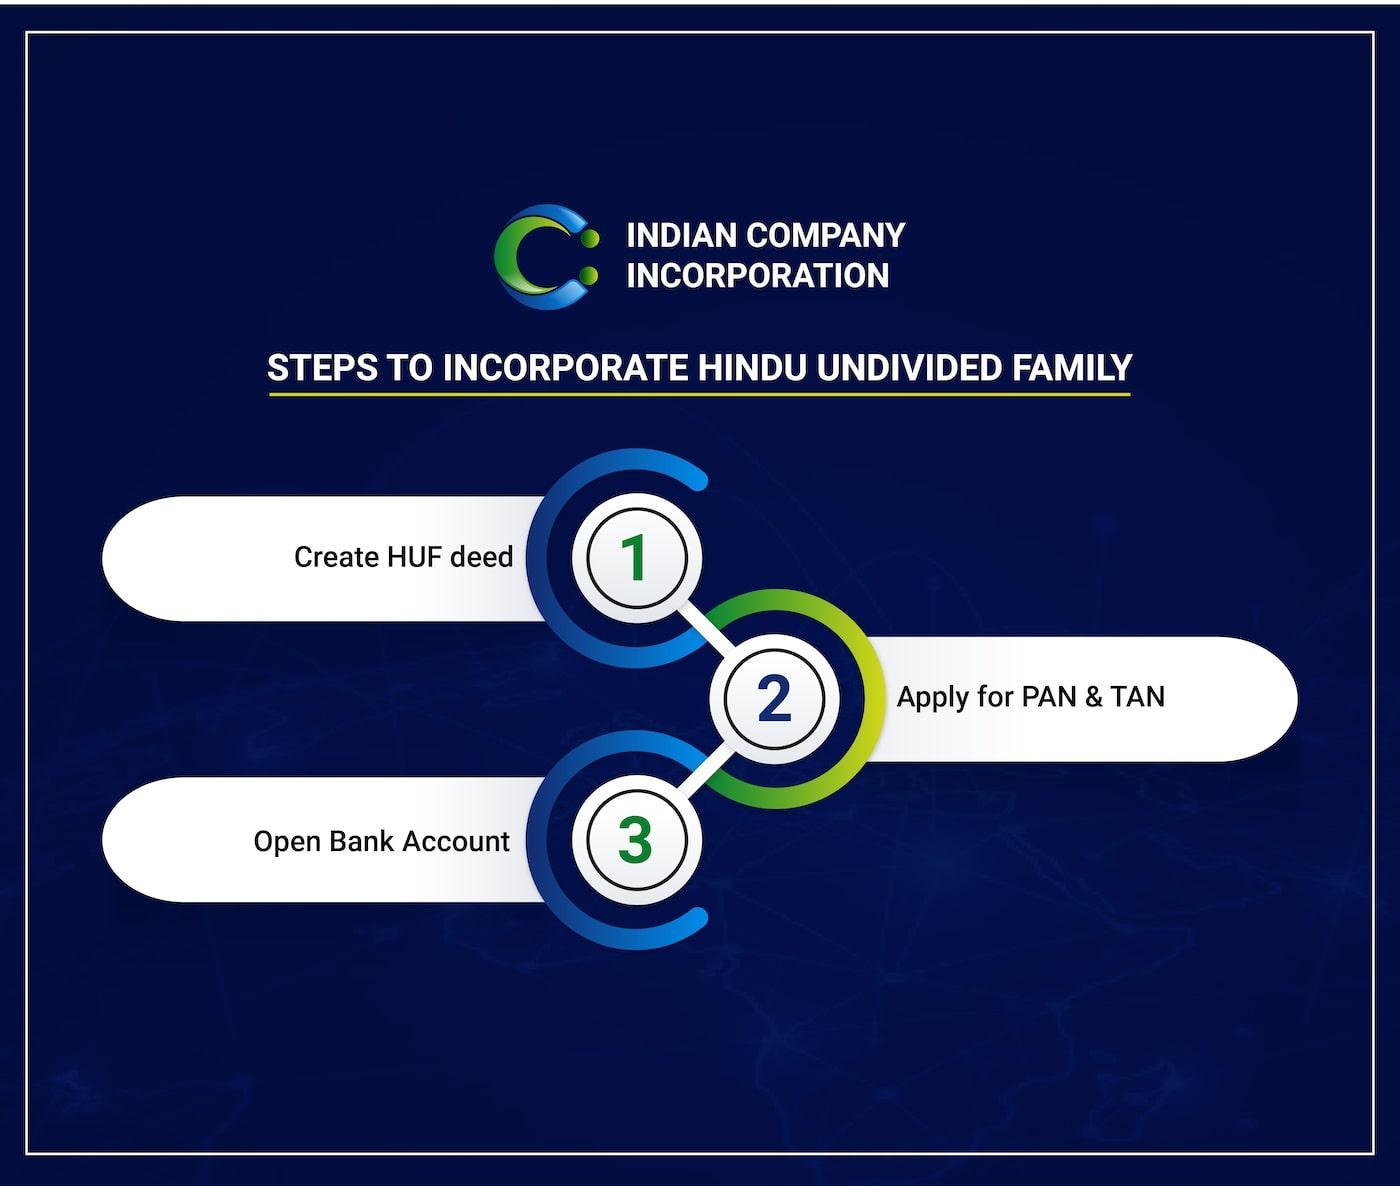 ICI Hindu Undivided Family